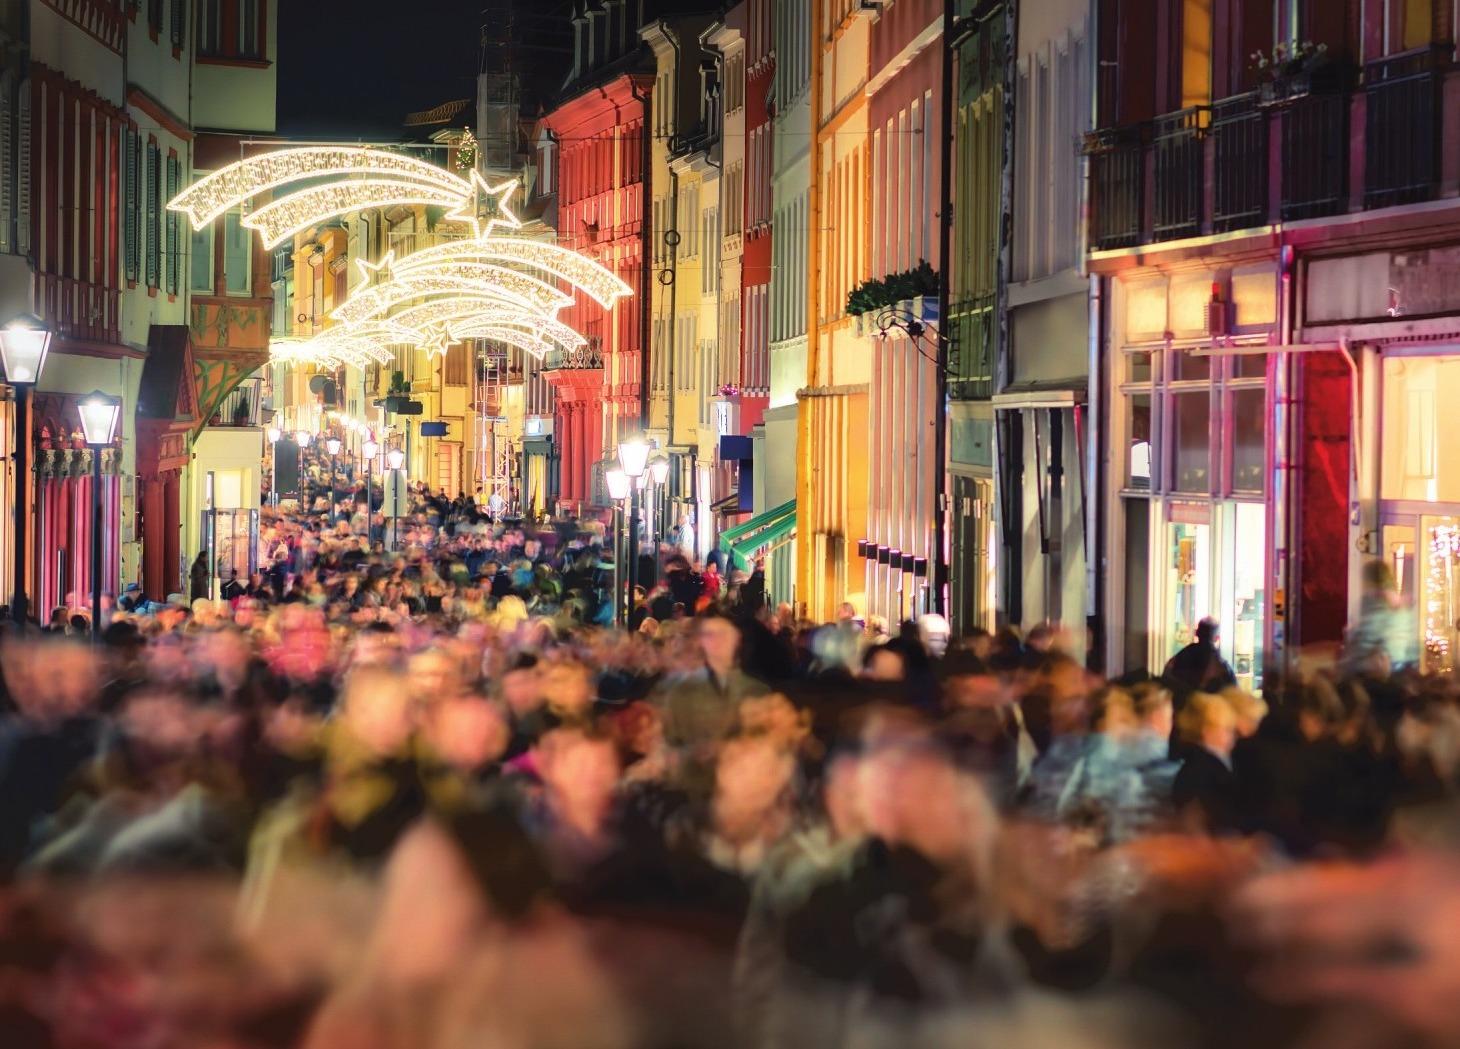 Gut geplant kann der Weihnachtseinkauf trotz voller Straßen Spaß machen. Foto: Adobe Stock/Smileus